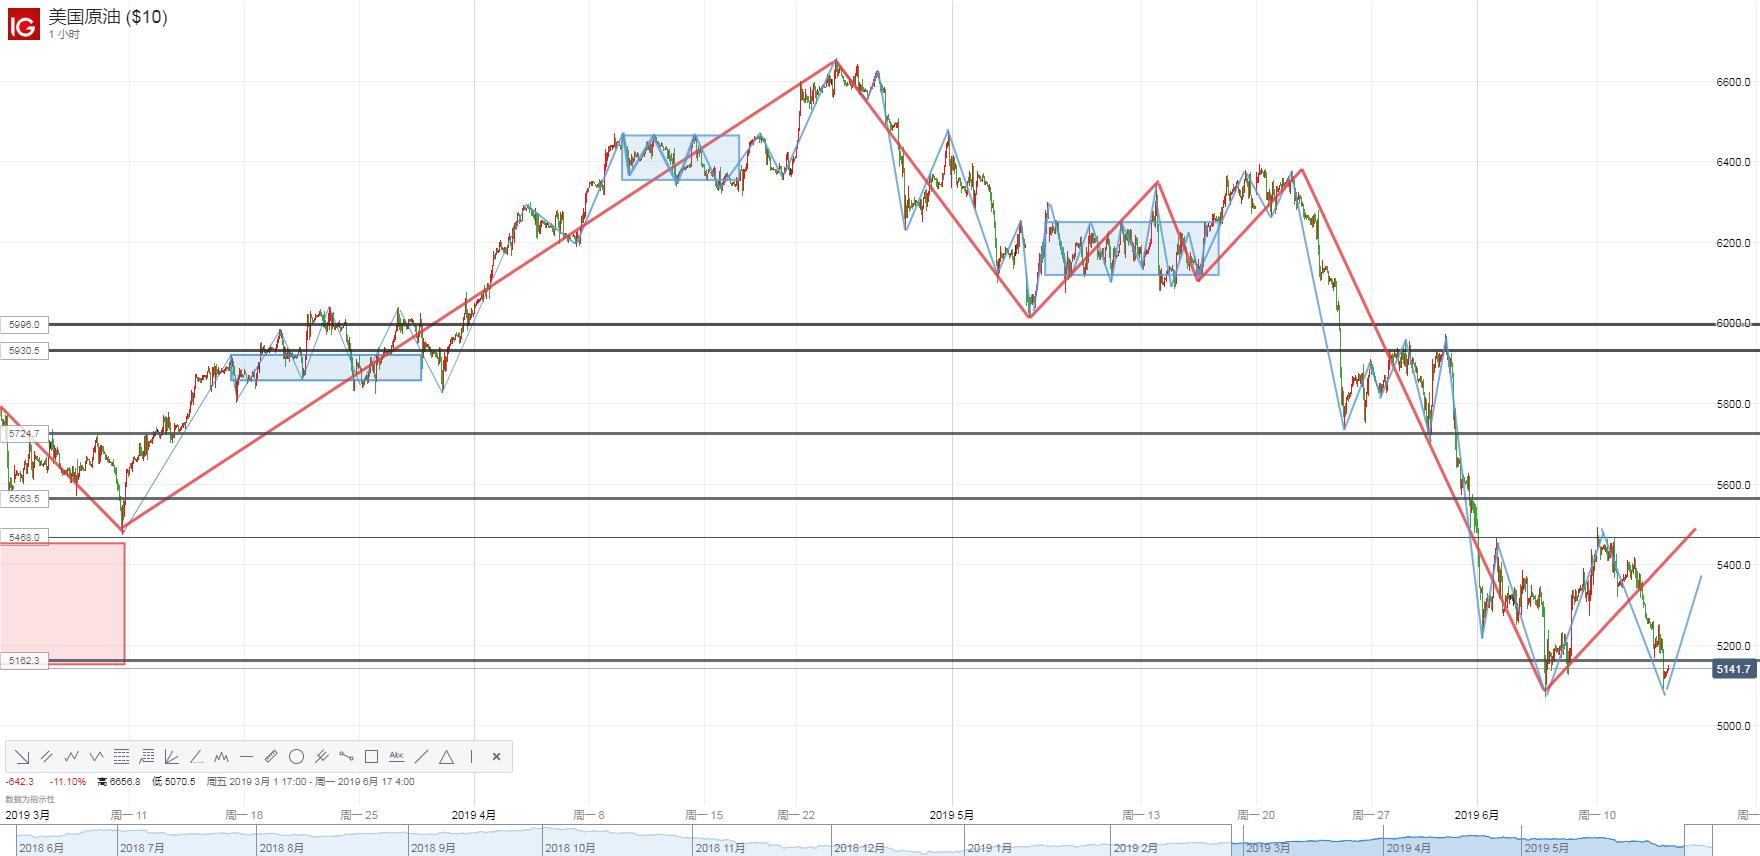 【原油】EIA原油庫存意外增加、OPEC+延長減產協議成效遭質疑,油價重挫近3%!